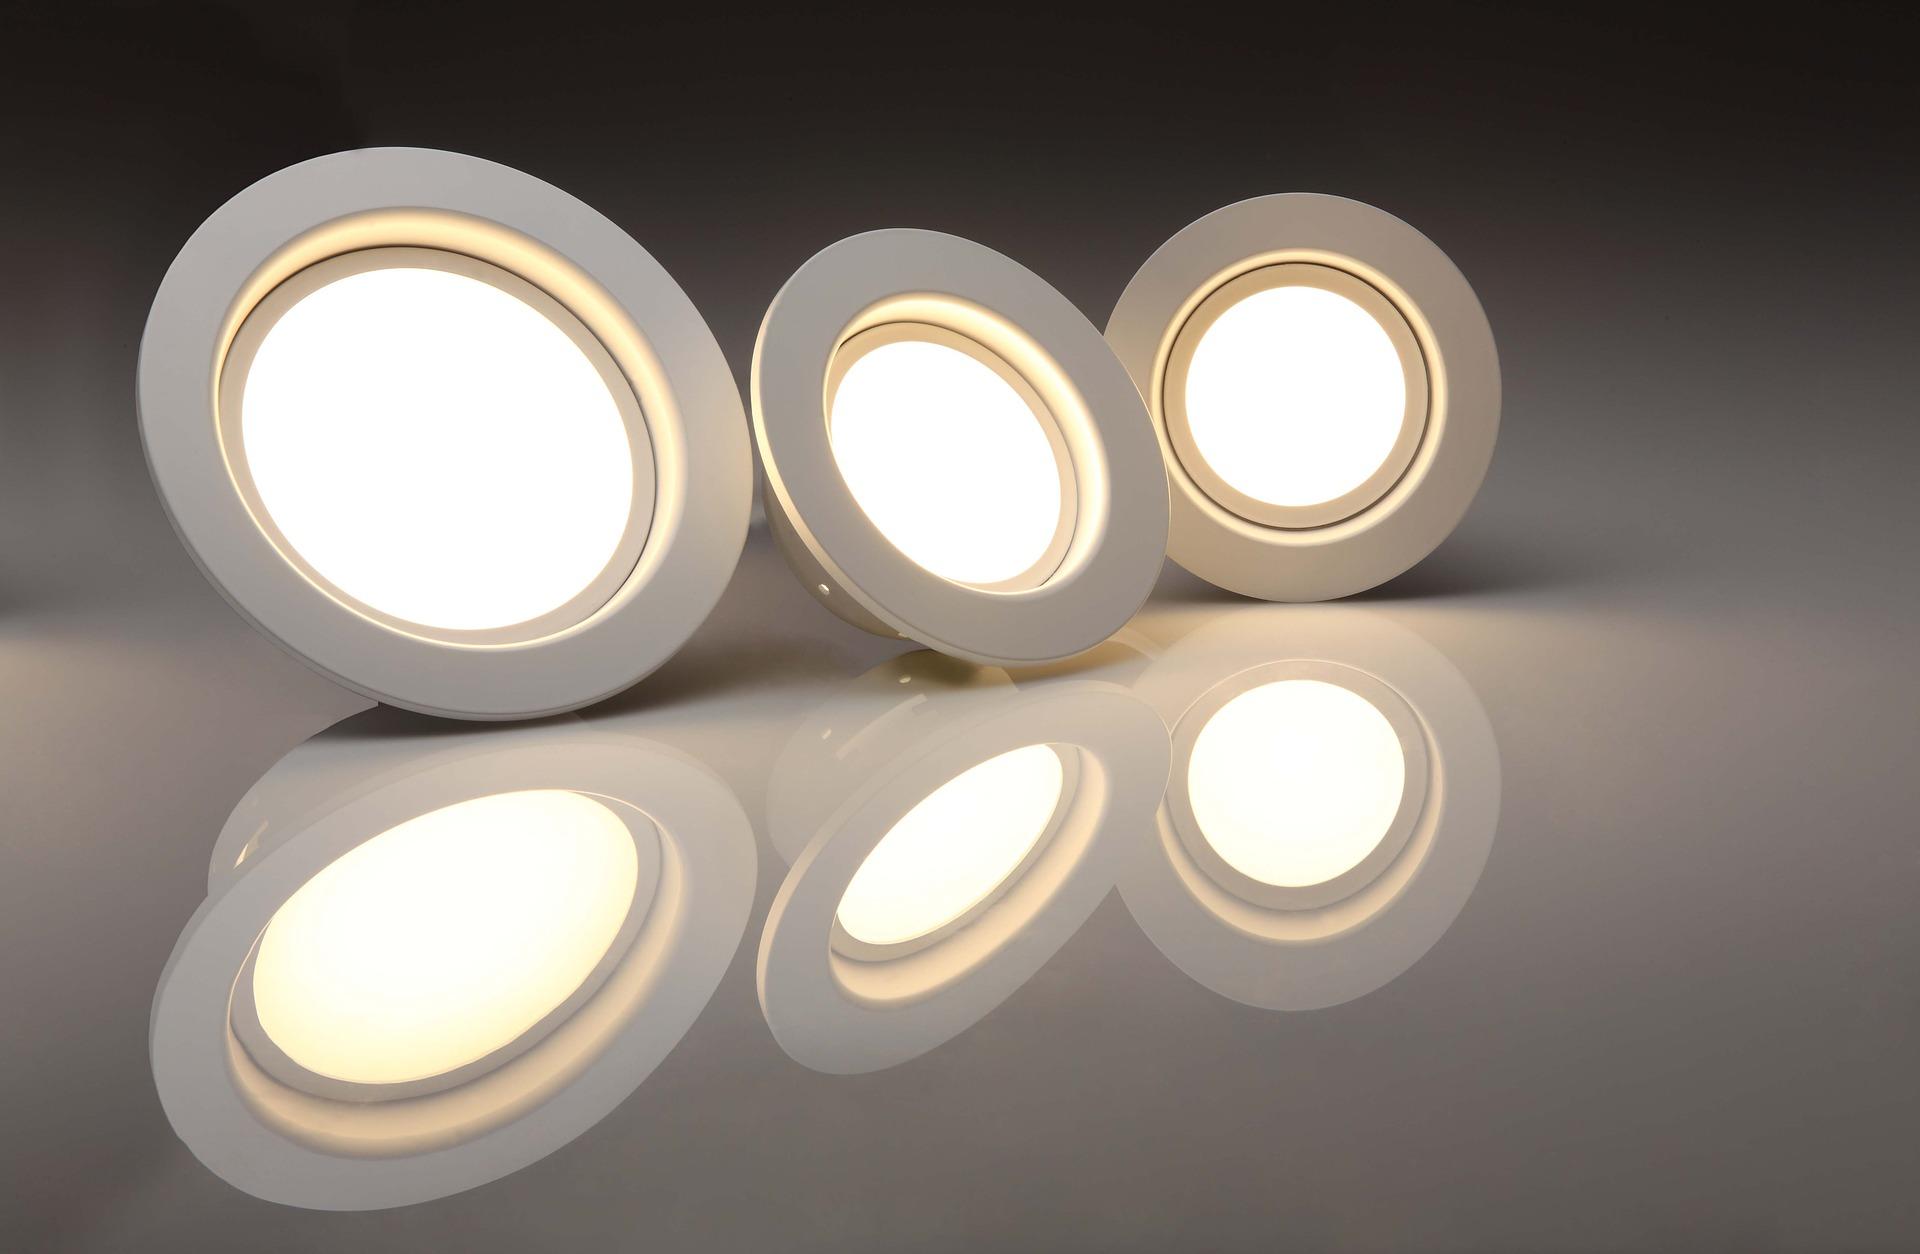 Energy saving light bulbs will go a long way.